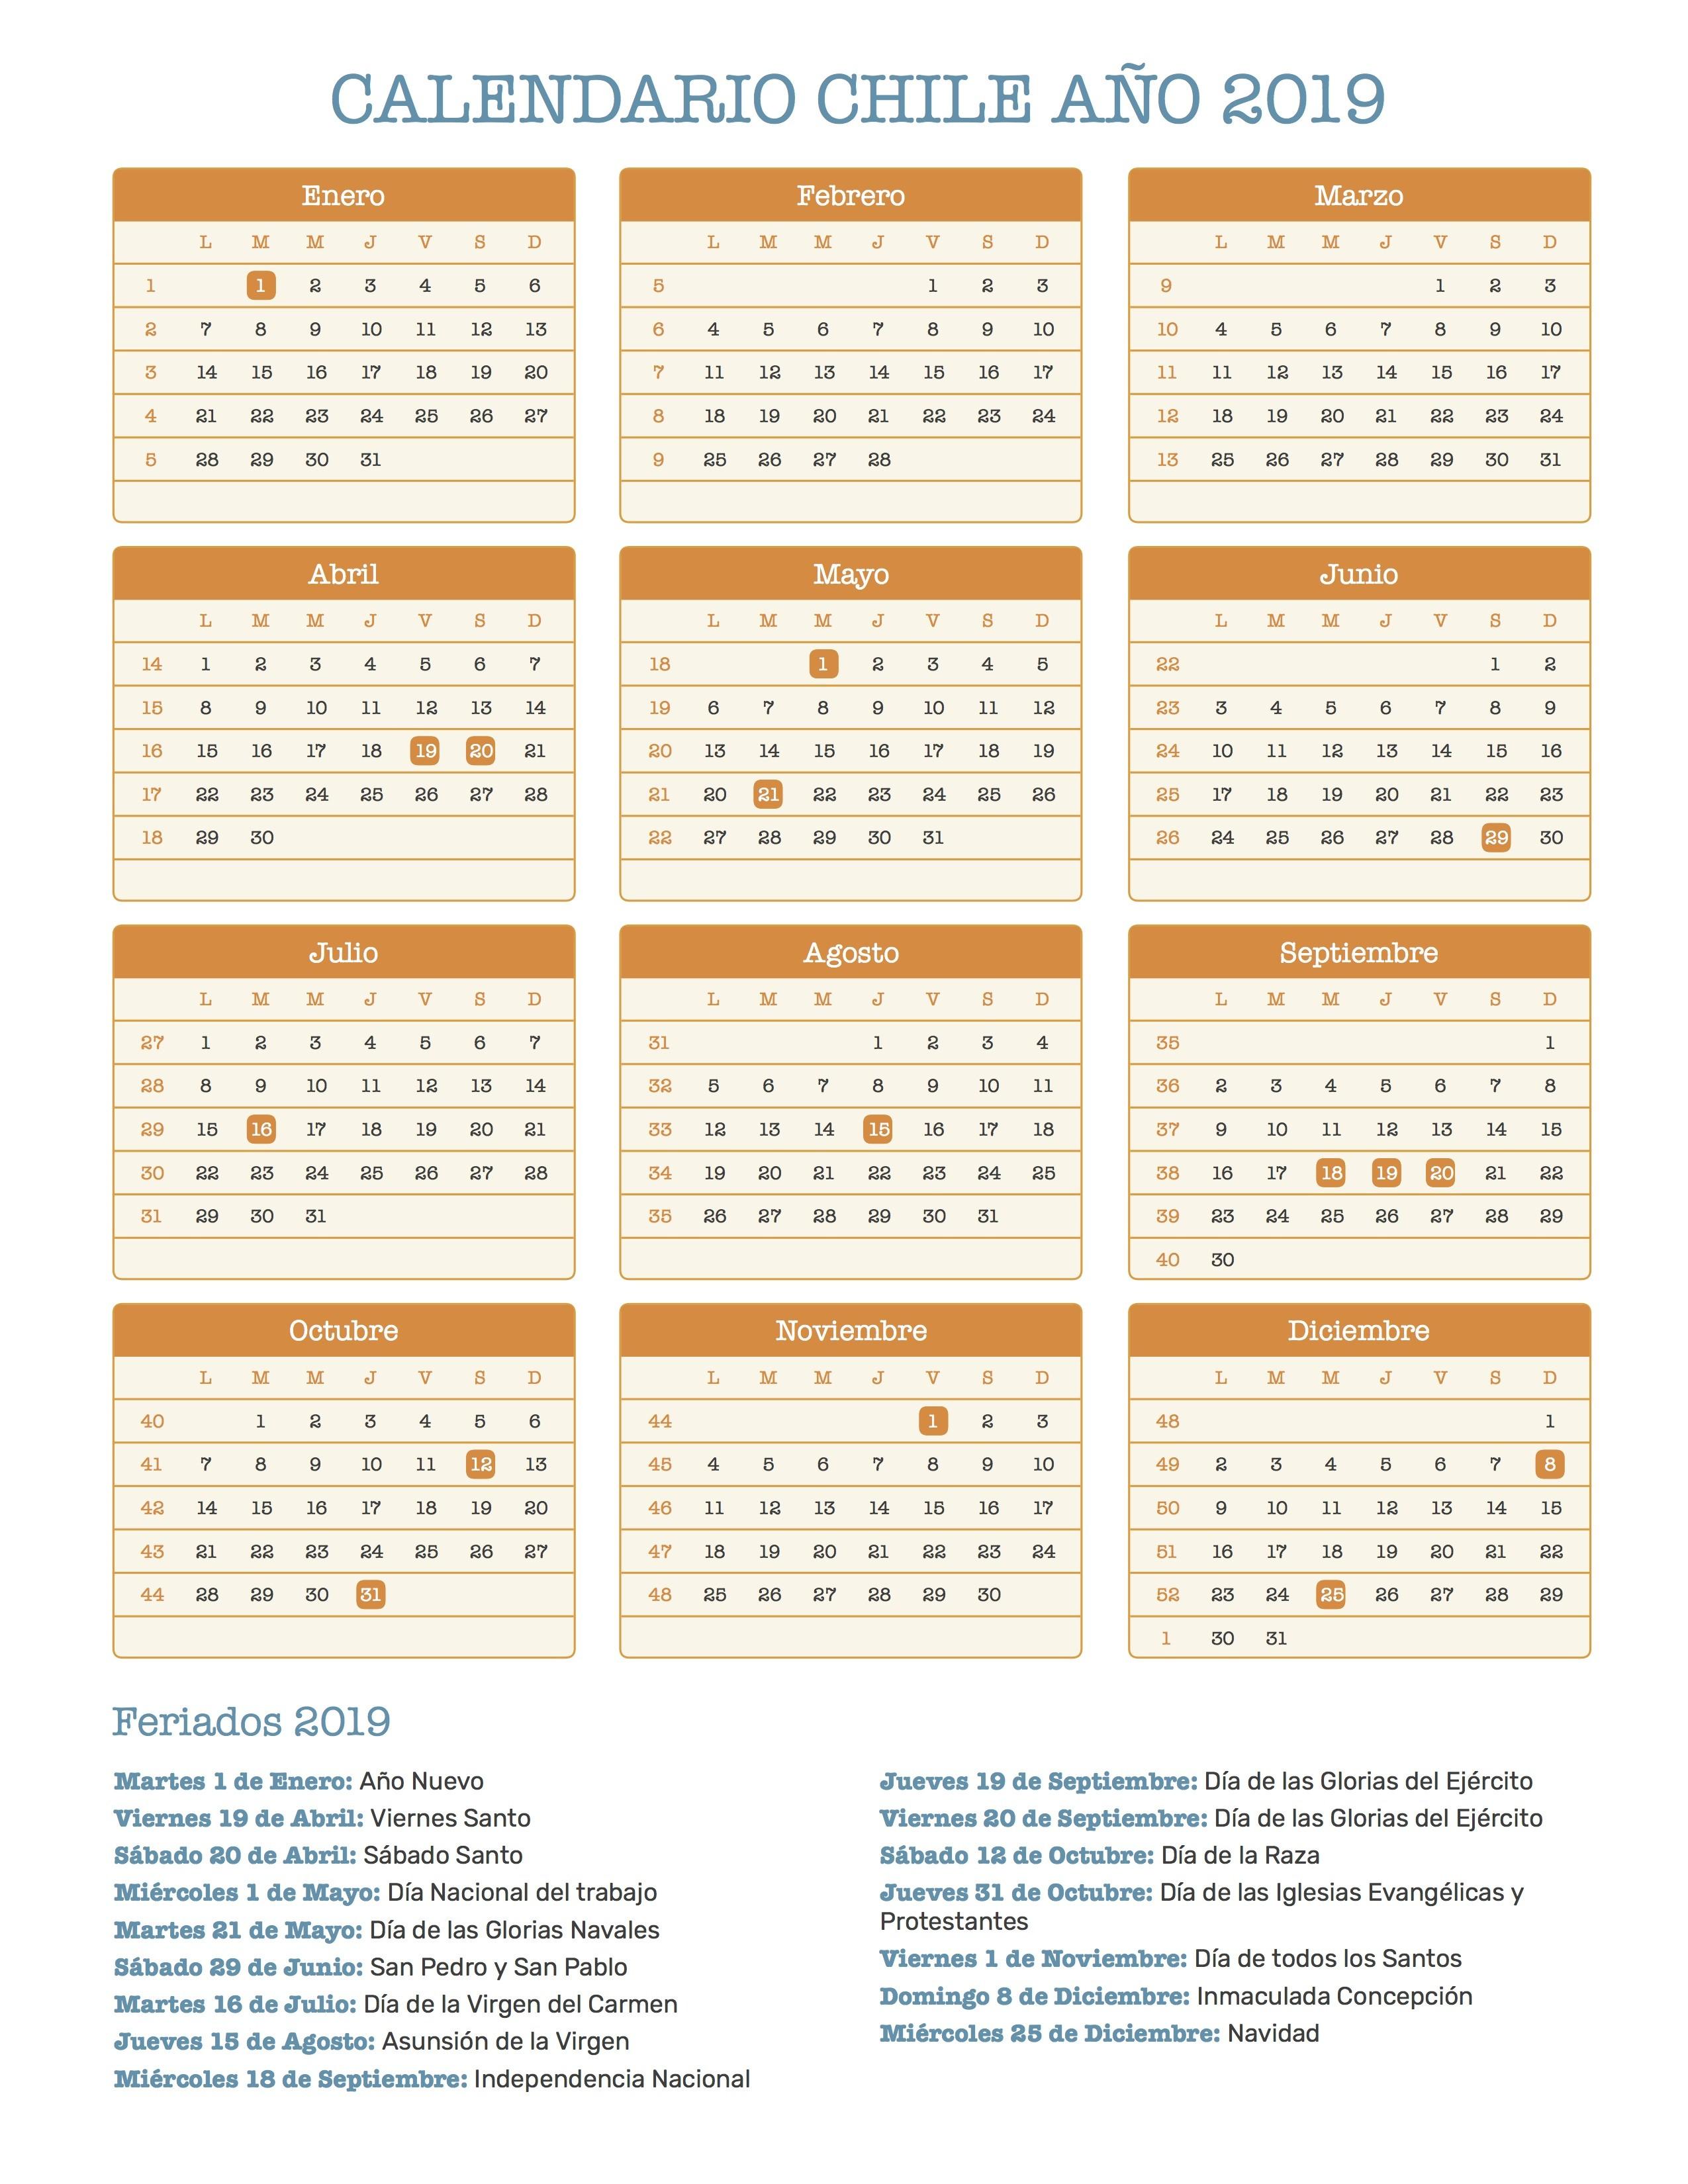 Calendario 2019 Argentina Pdf Más Recientes Calendario Chile A±o 2019 Of Calendario 2019 Argentina Pdf Más Caliente Calendario Electoral 2018 2019 — Celag